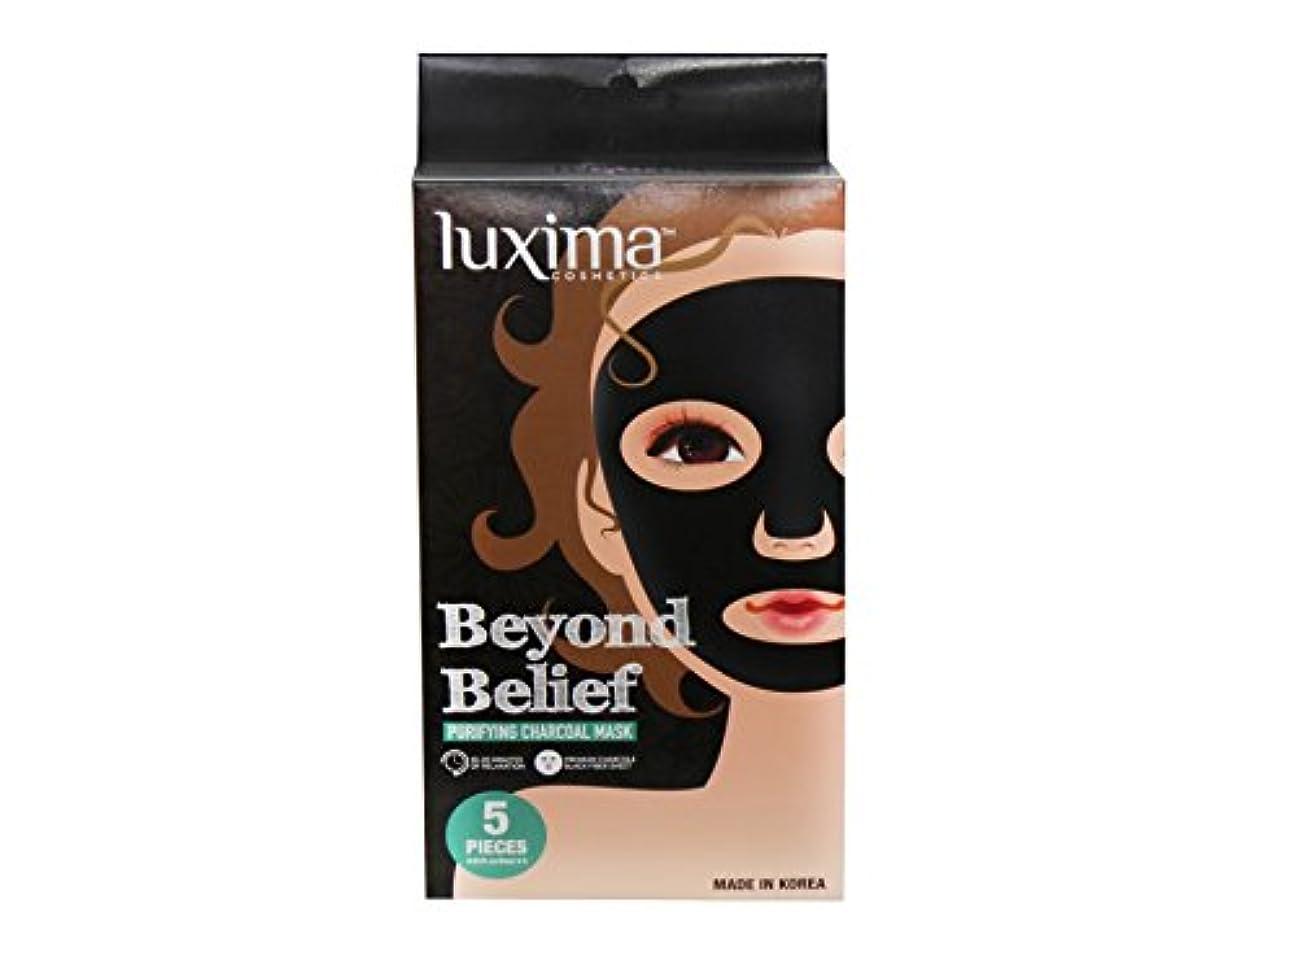 バンジージャンプ飼い慣らす摩擦LUXIMA Beyond Belief Purifying Charcoal Mask, Pack of 5 (並行輸入品)